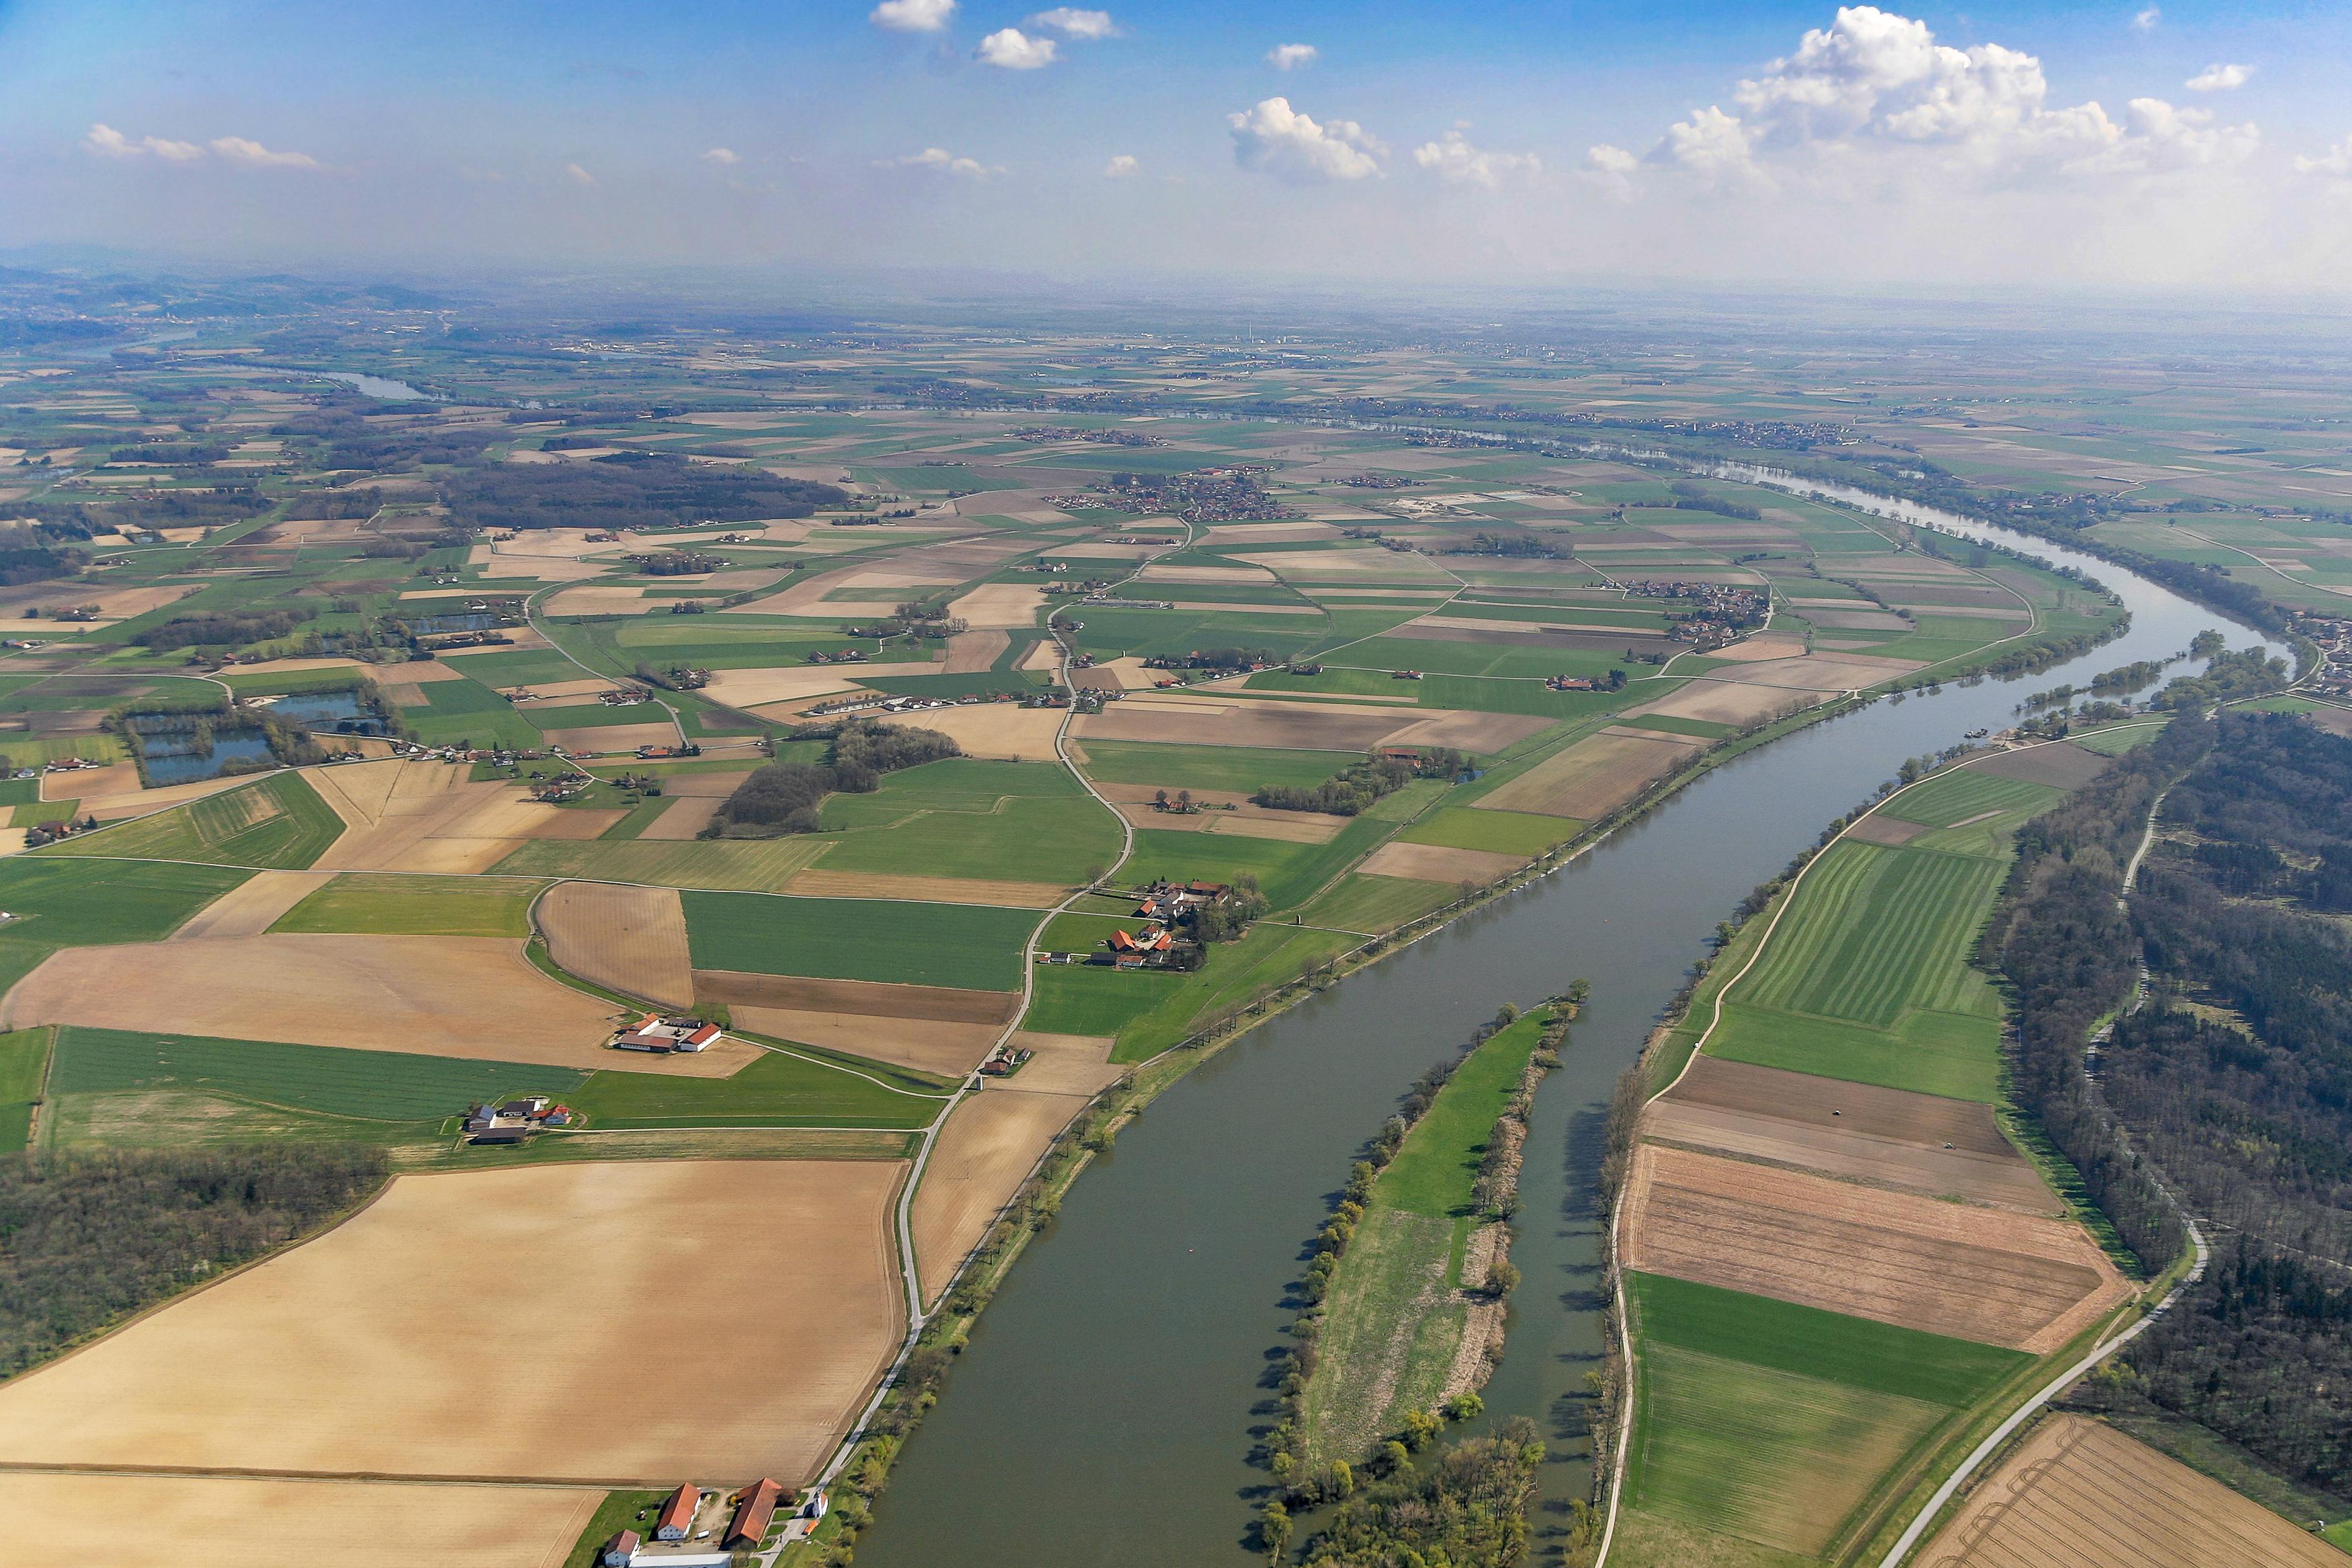 Luftbild vom Gelände des geplanten Donaupolder Sulzbach